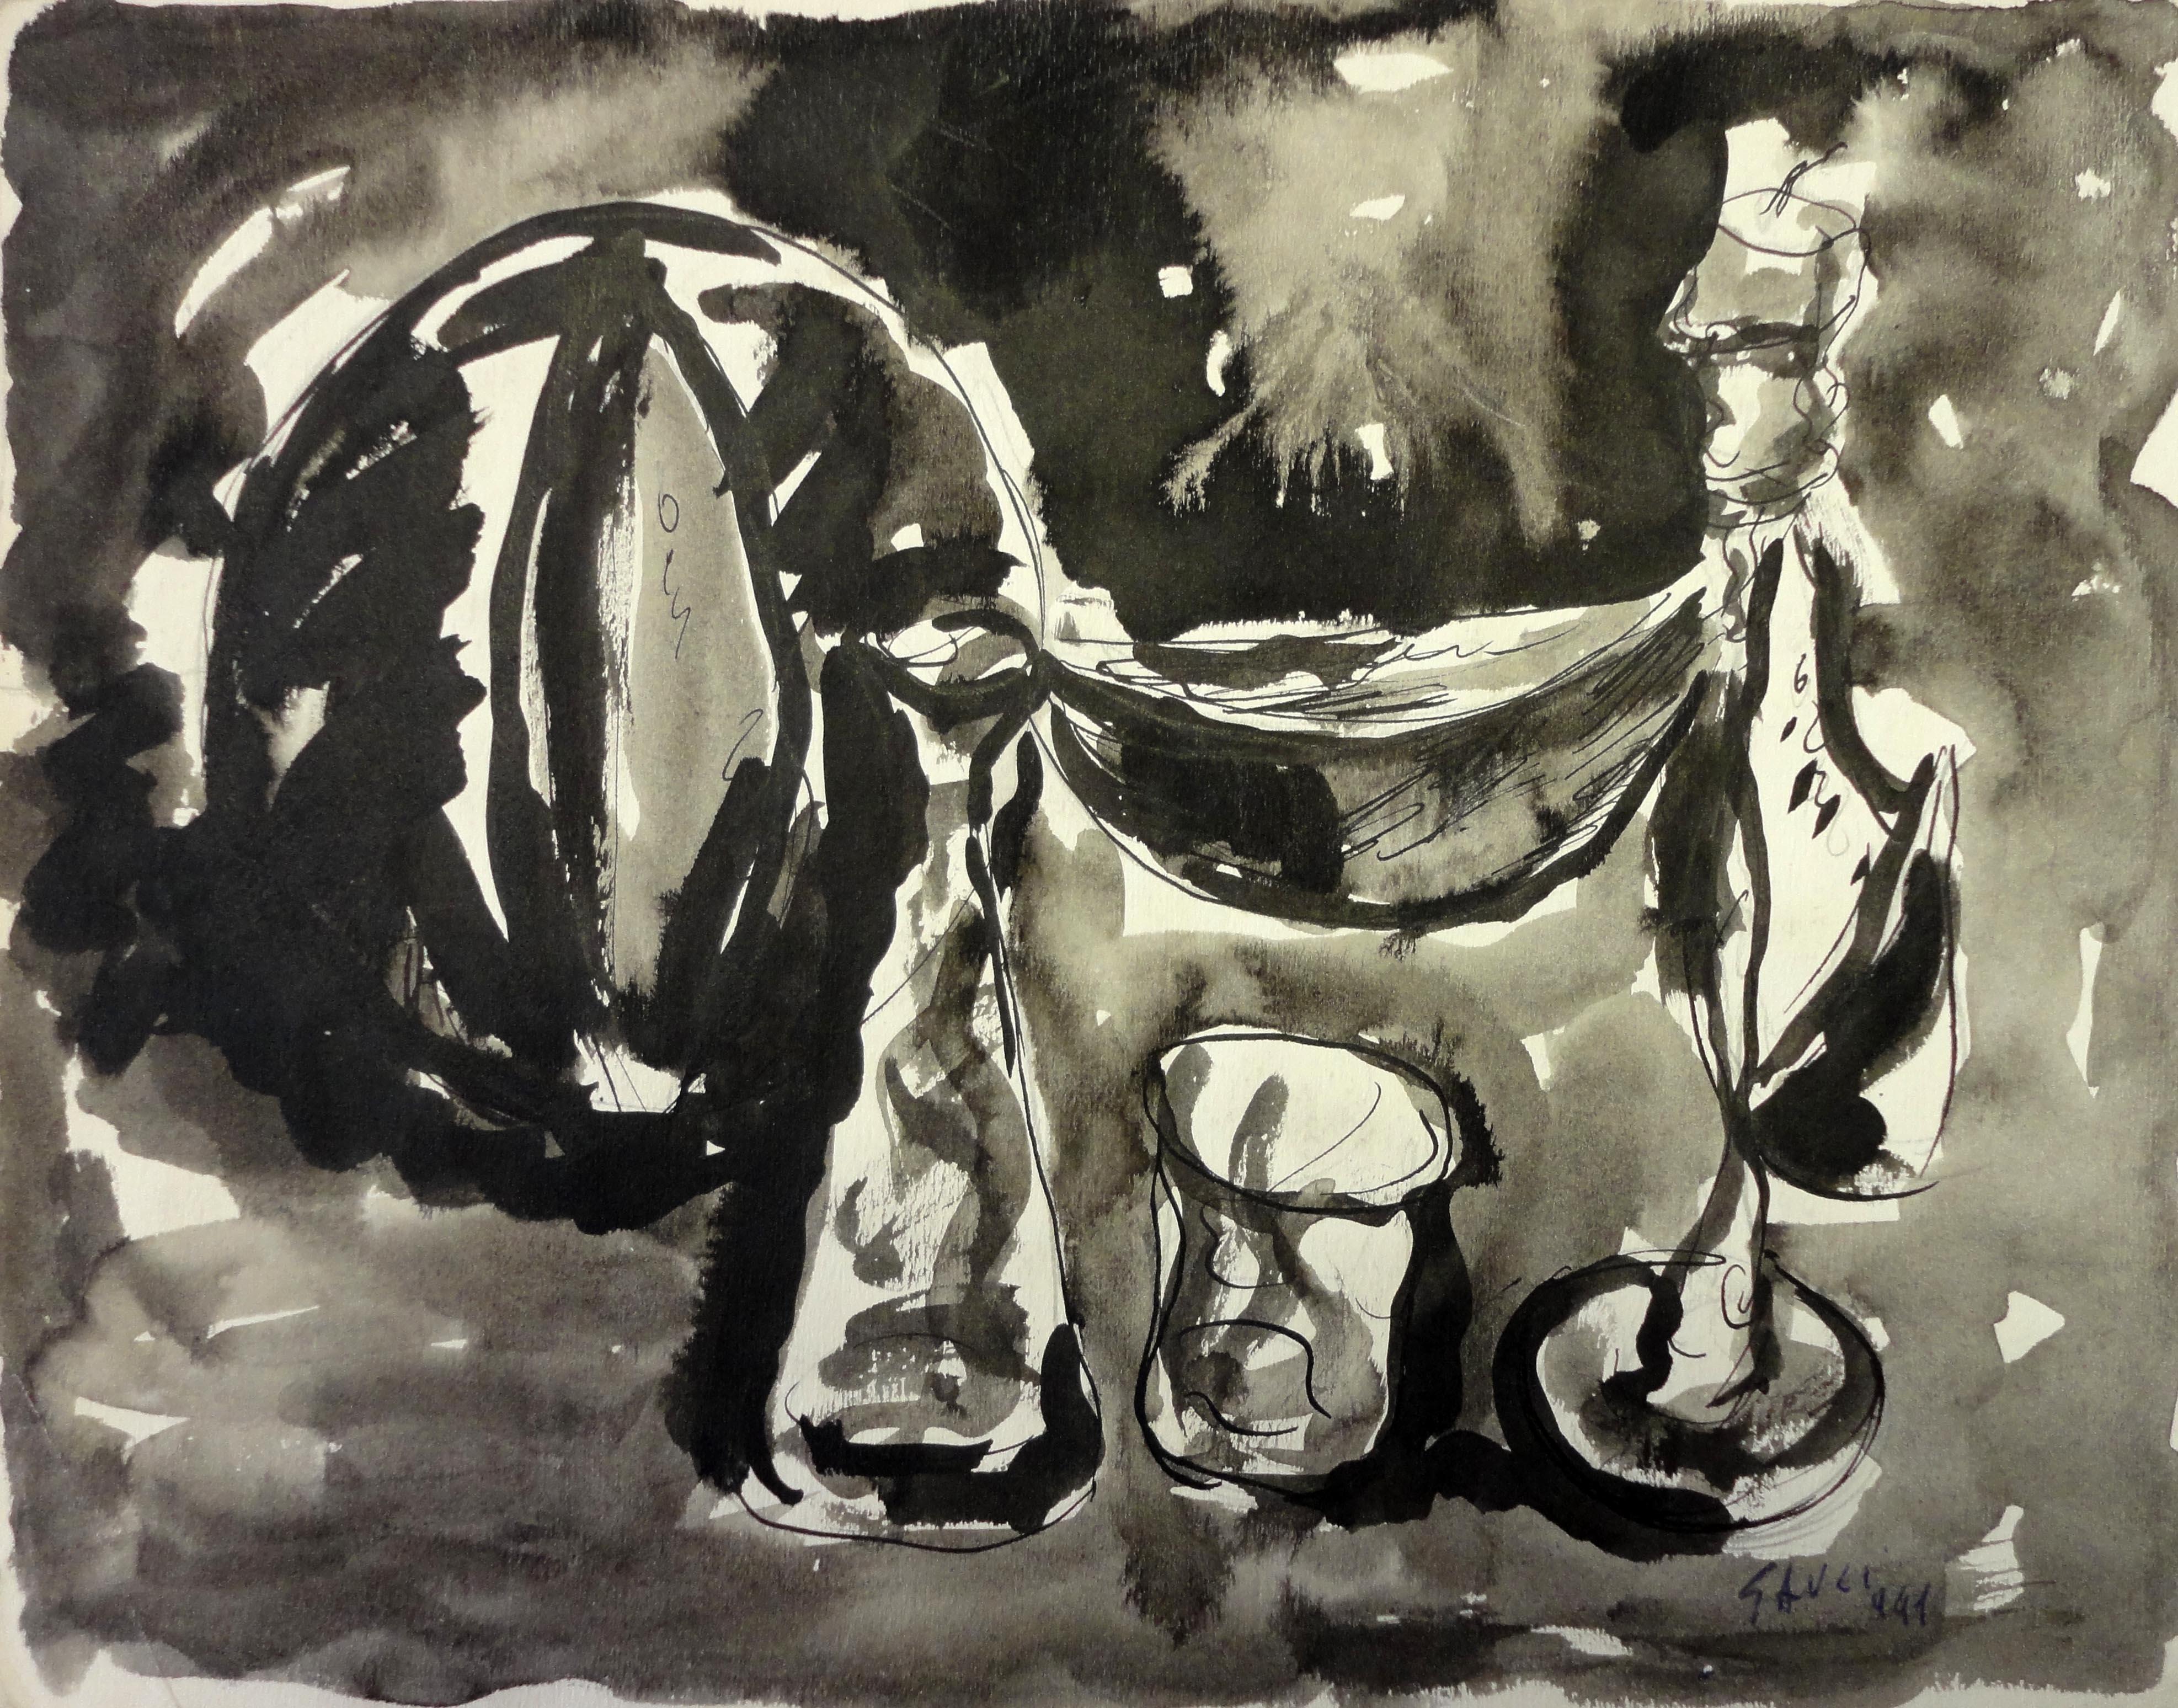 Piero Gauli, Composizione con l'anguria, 1941, penna e inchiostro, 24x31 cm